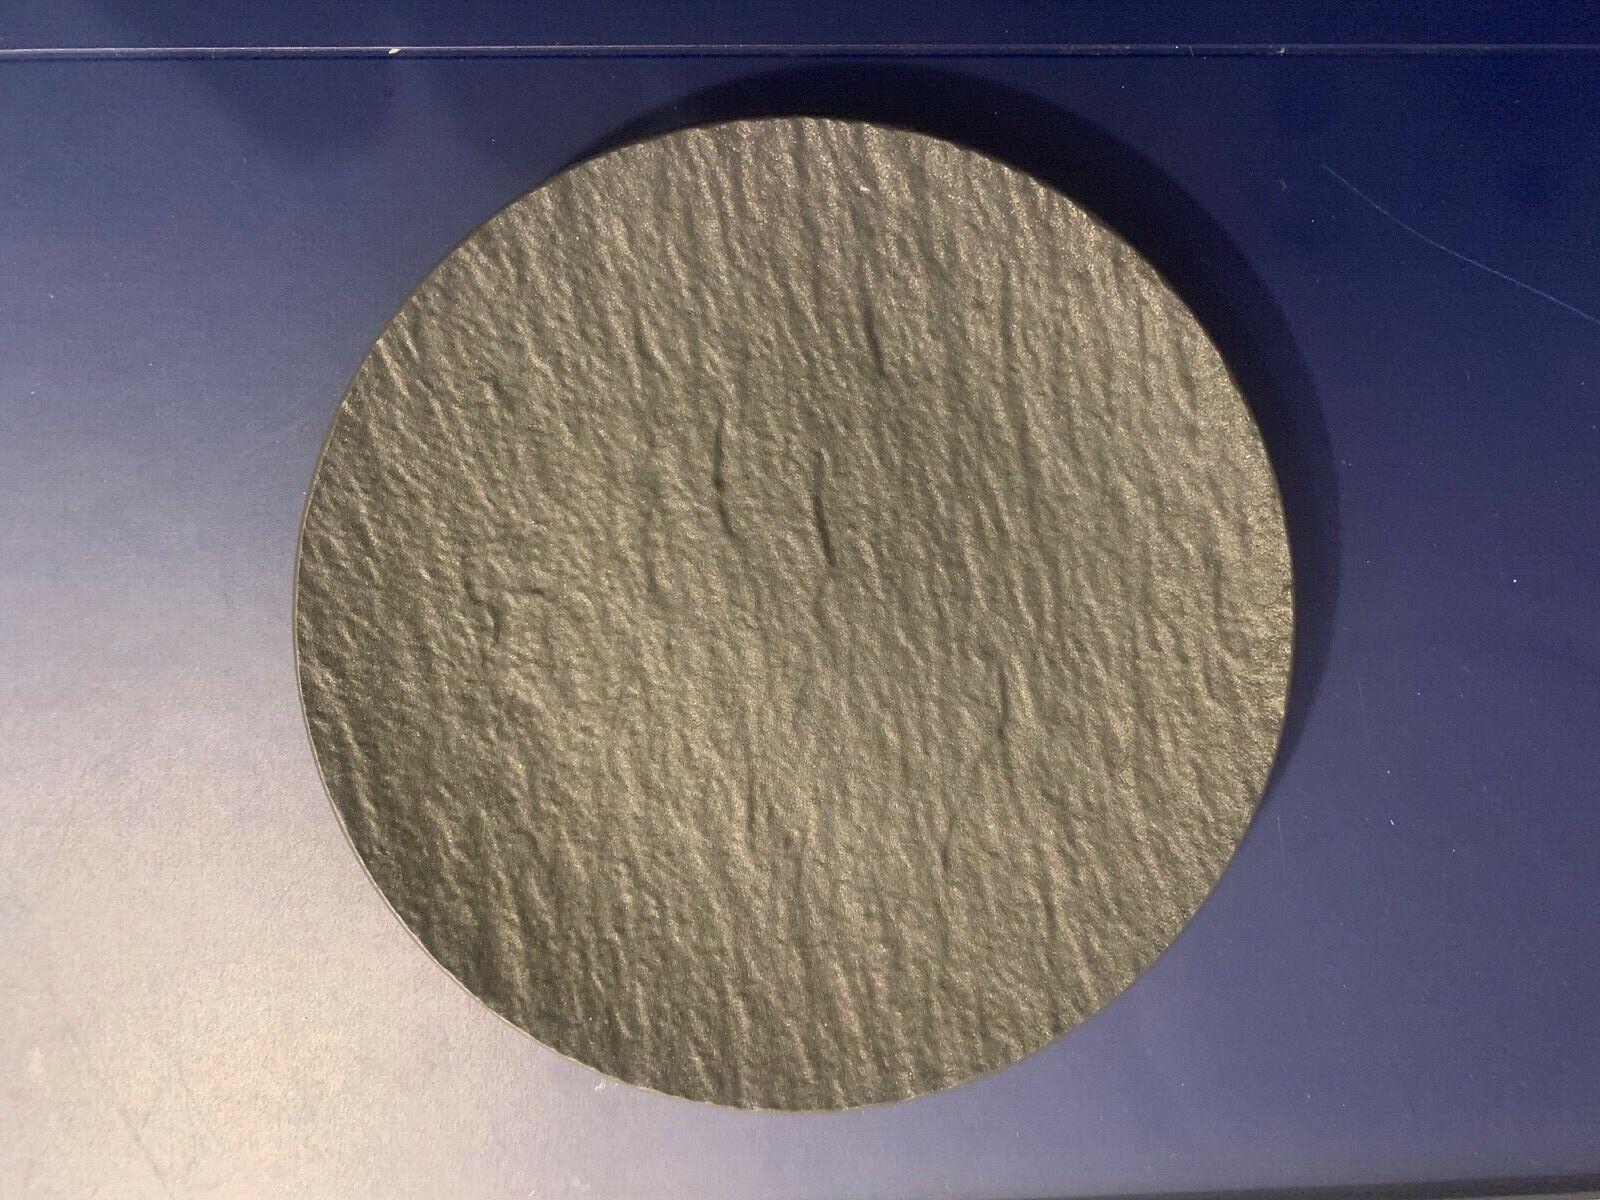 Schieferplatte 30x40 cm Platzset Servierteller Anrichtteller Schiefer 6er Set